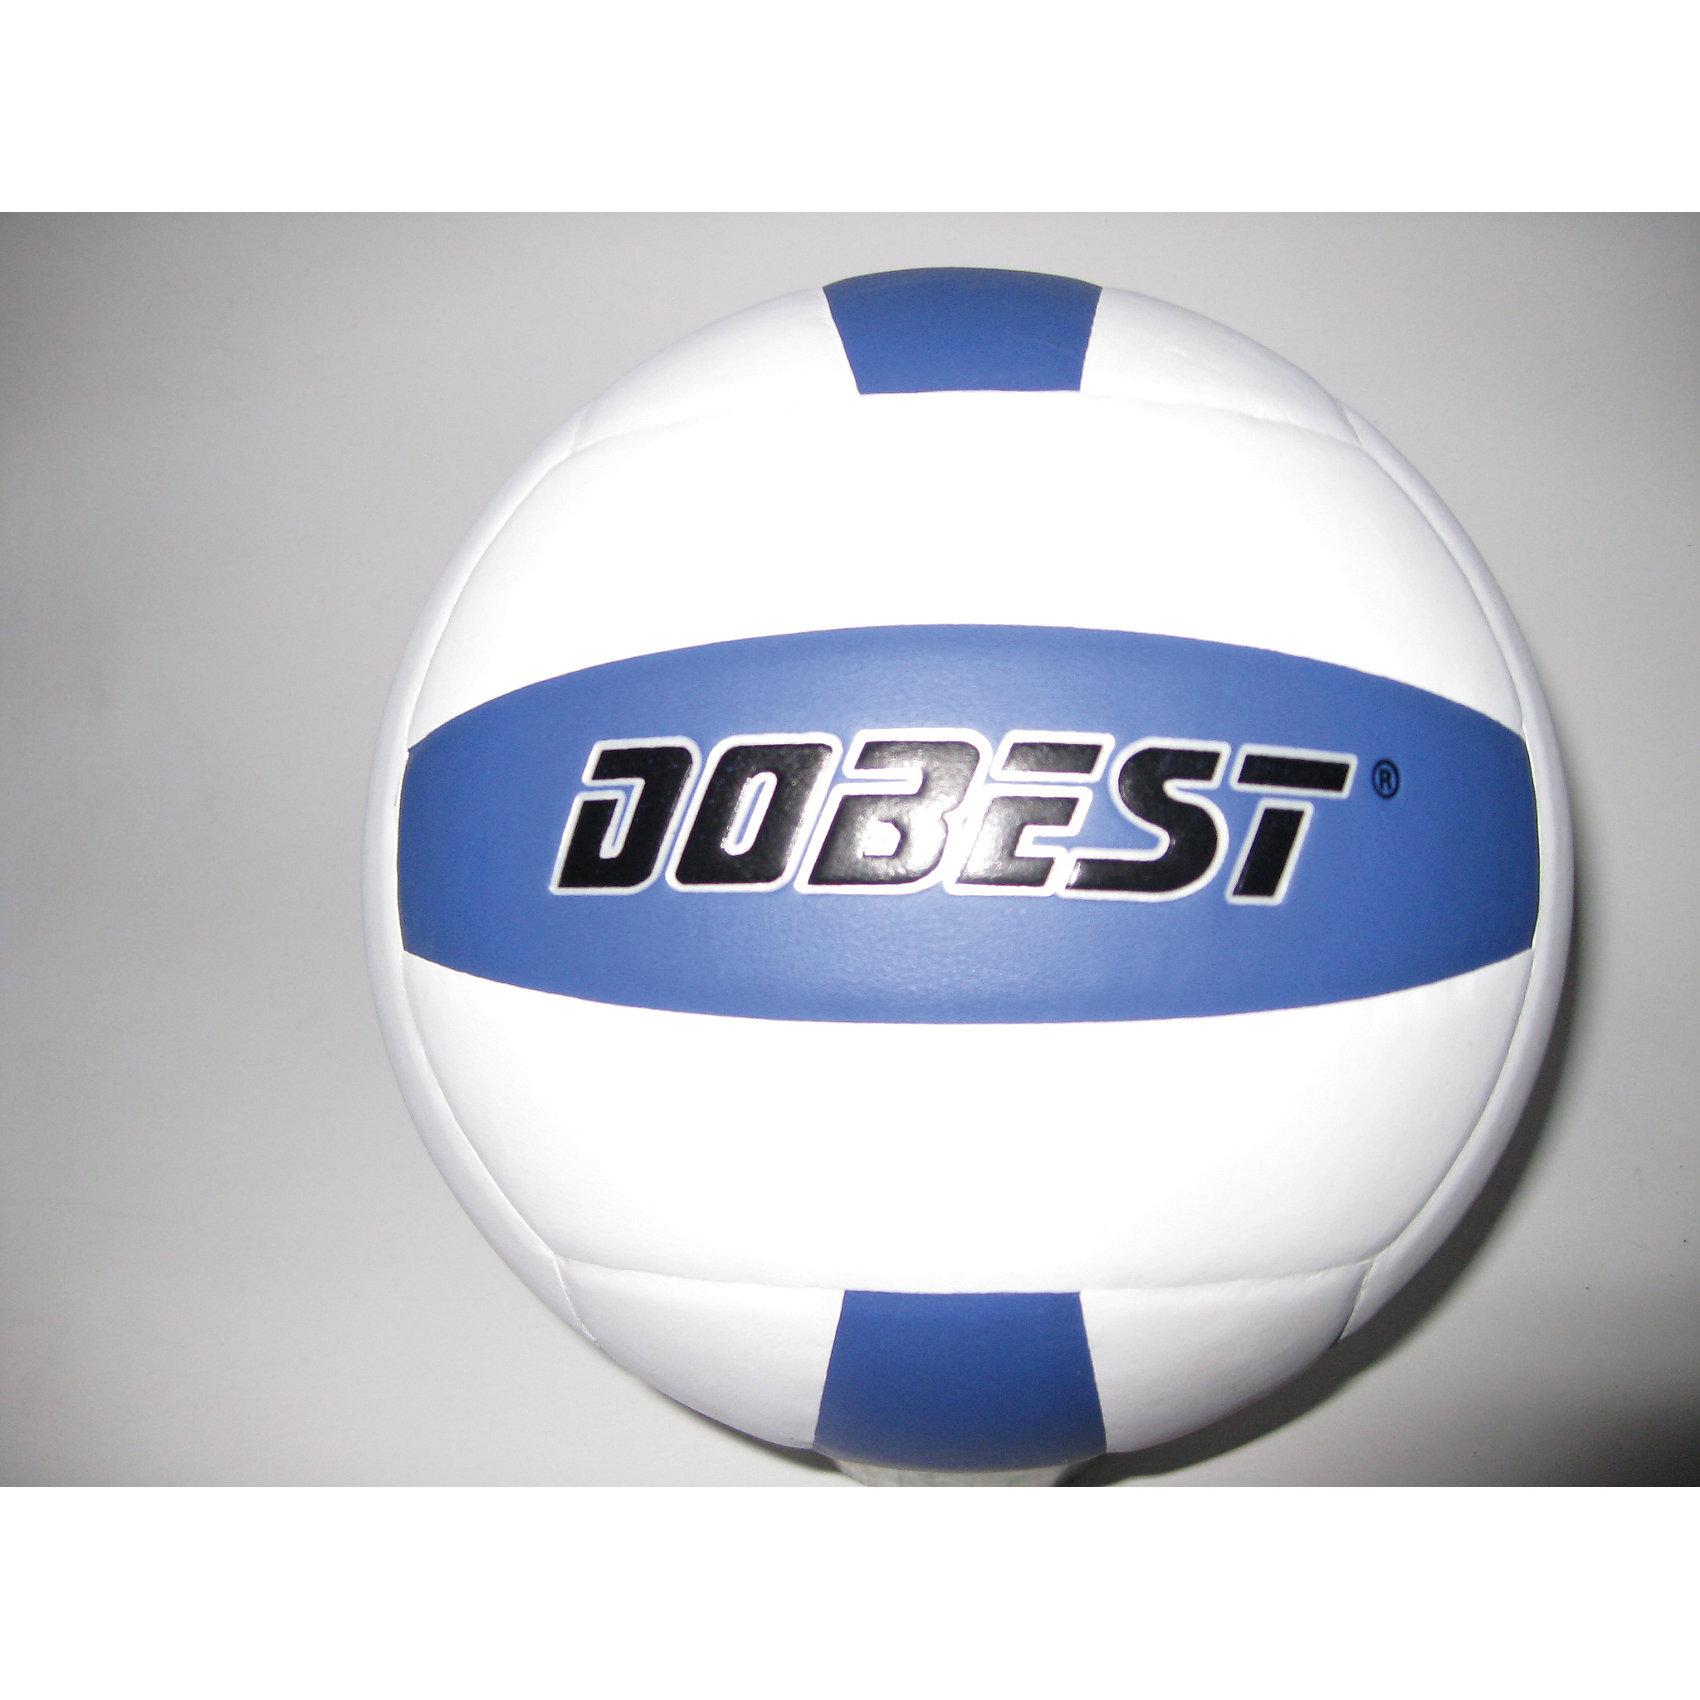 Волейбольный мяч SU300 клееный, DobestОсновные характеристики<br><br>Вид: волейбольный<br>Уровень игры: любительский<br>Размер: 5<br>Количество панелей: 18<br>Количество слоев: 4<br>Вес: 260-280гр<br>Тип соединения панелей: клееный<br>Материал камеры: резина<br>Материал: синтетическая кожа<br>Цвет основной: белый<br>Цвет дополнительный: синий<br>Подходит для игры на улице и в зале<br>Страна-производитель: Китай <br>Упаковка: пакет (поставляется в сдутом виде)<br><br>Ширина мм: 75<br>Глубина мм: 210<br>Высота мм: 210<br>Вес г: 0<br>Возраст от месяцев: 36<br>Возраст до месяцев: 192<br>Пол: Унисекс<br>Возраст: Детский<br>SKU: 5056640